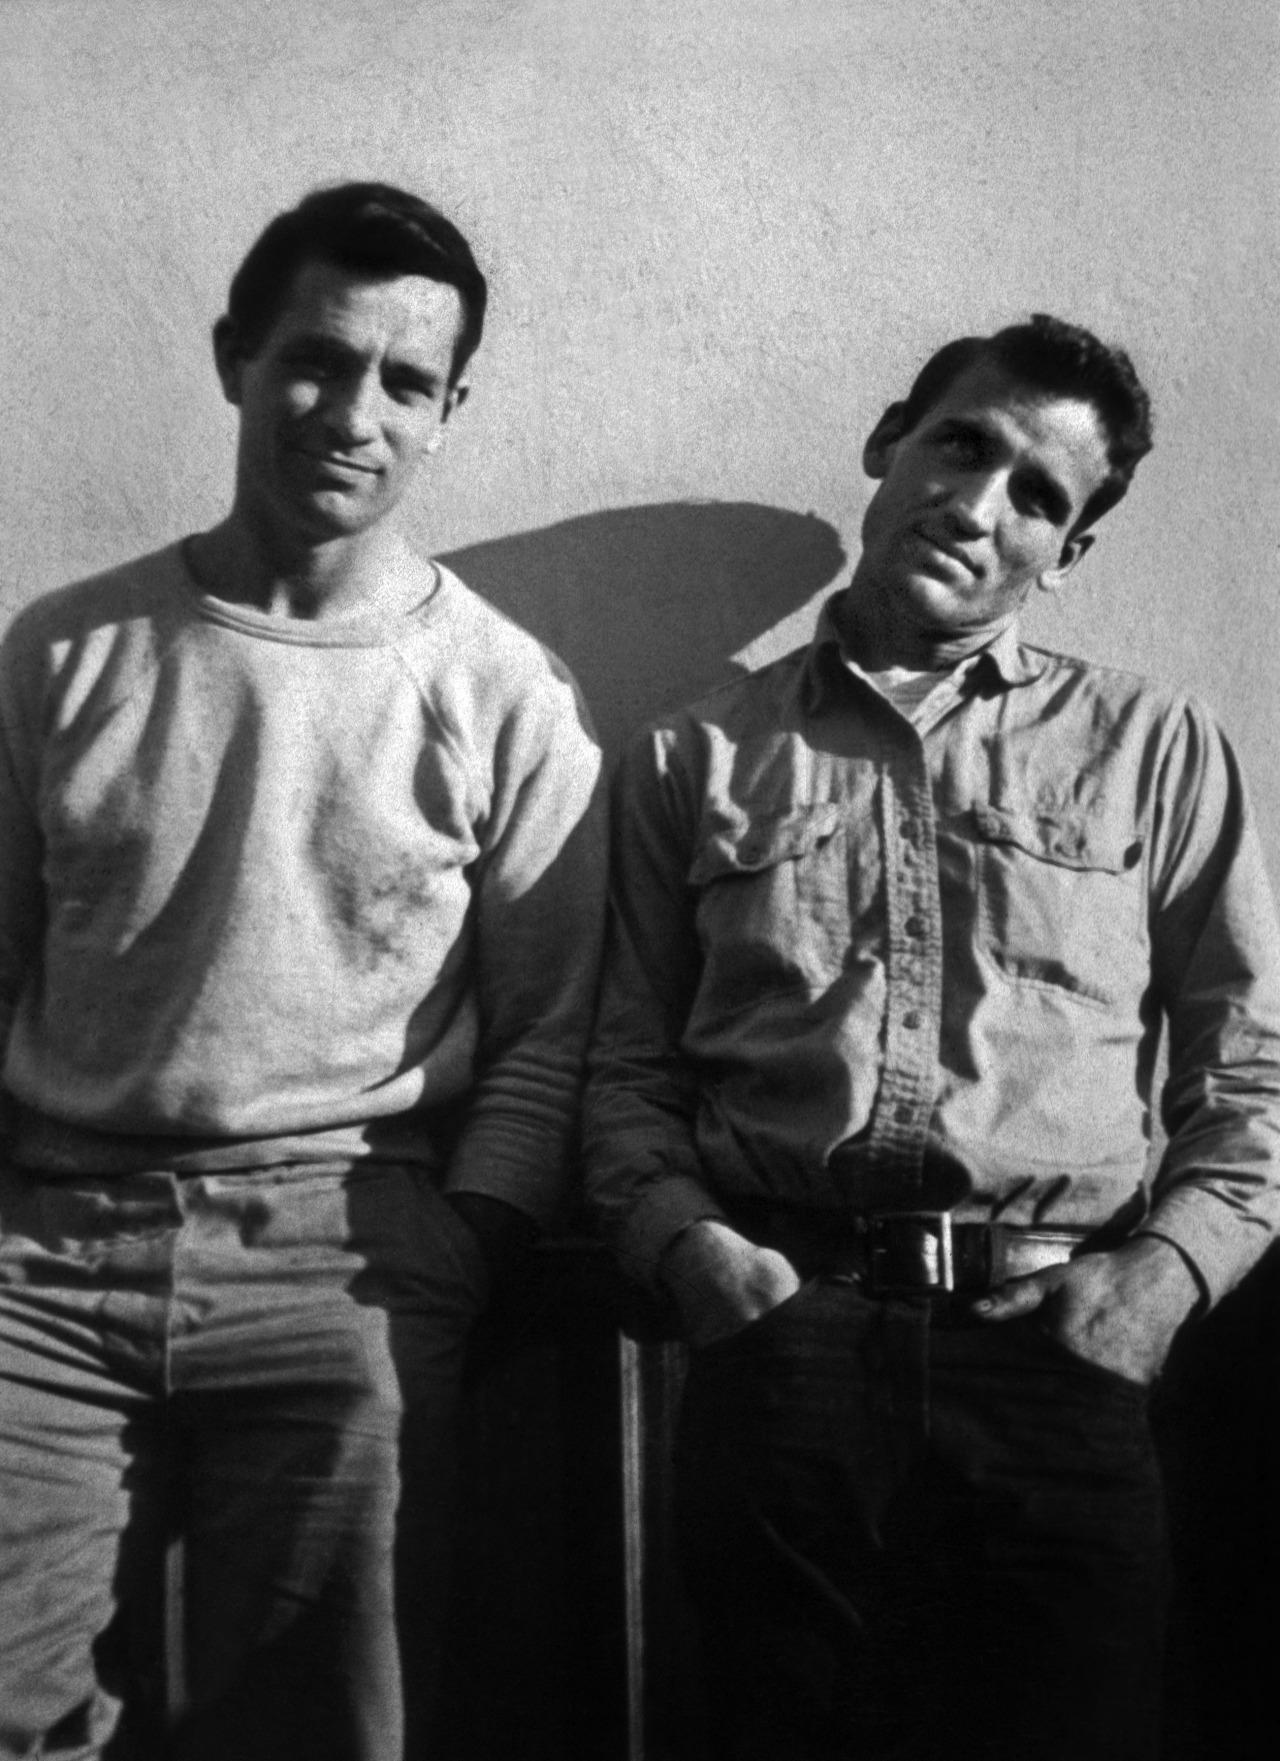 Helikon Zsebkönyvek #96 – Jack Kerouac: Úton